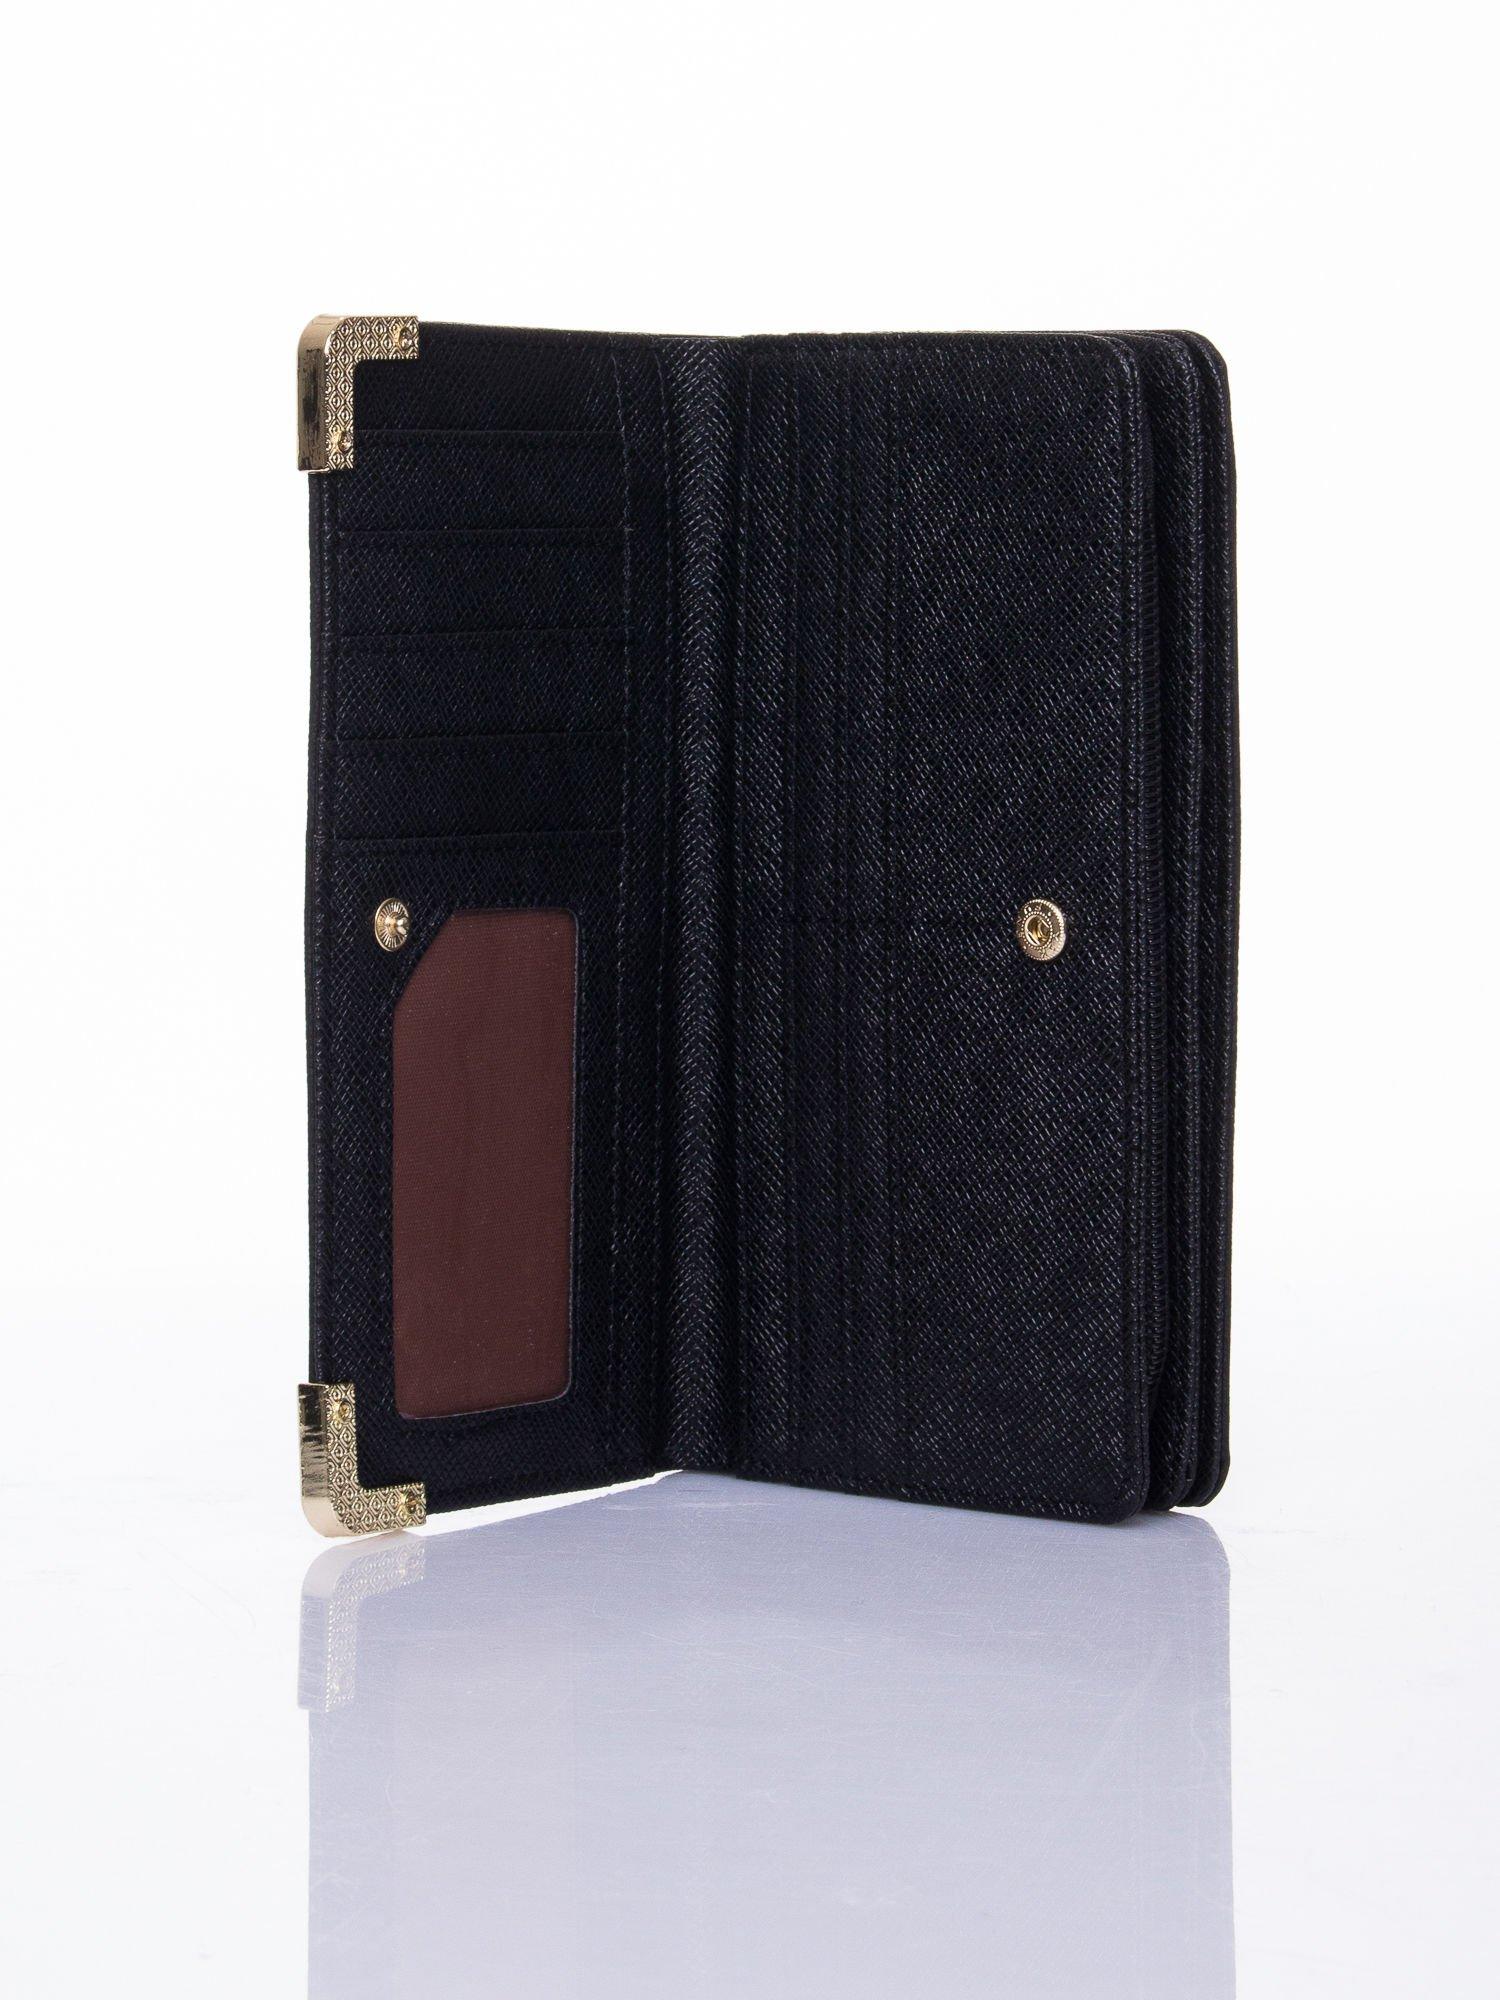 Czarny ażurowany portfel ze złotymi okuciami                                  zdj.                                  4